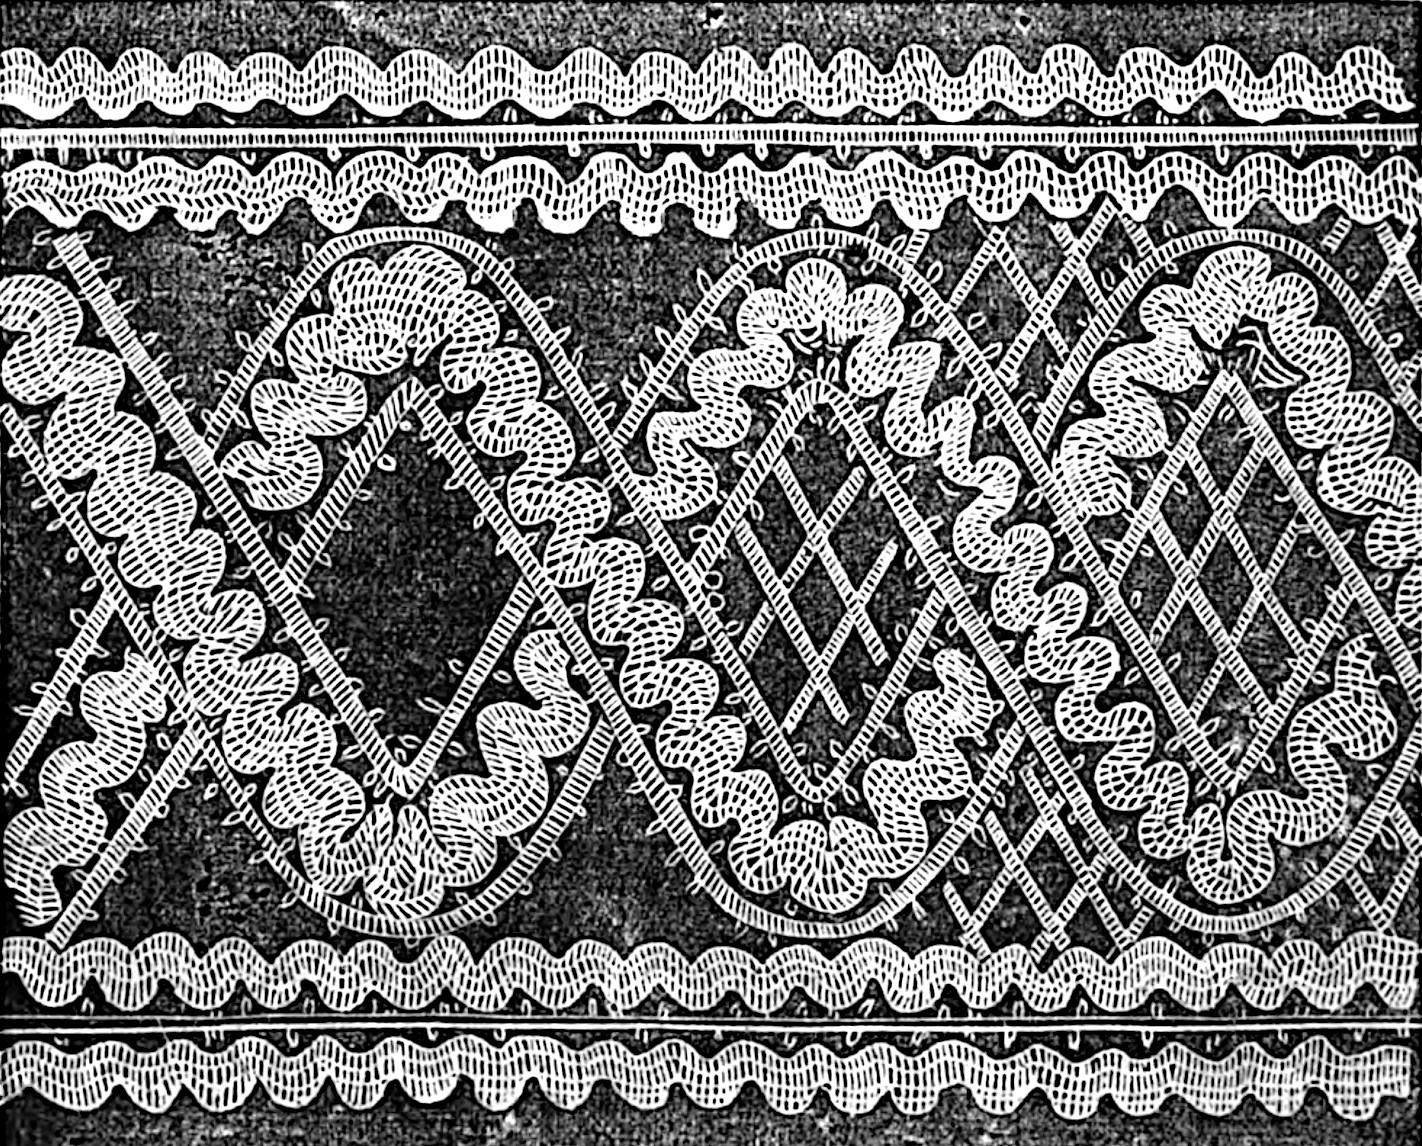 1864-wave-mignardise